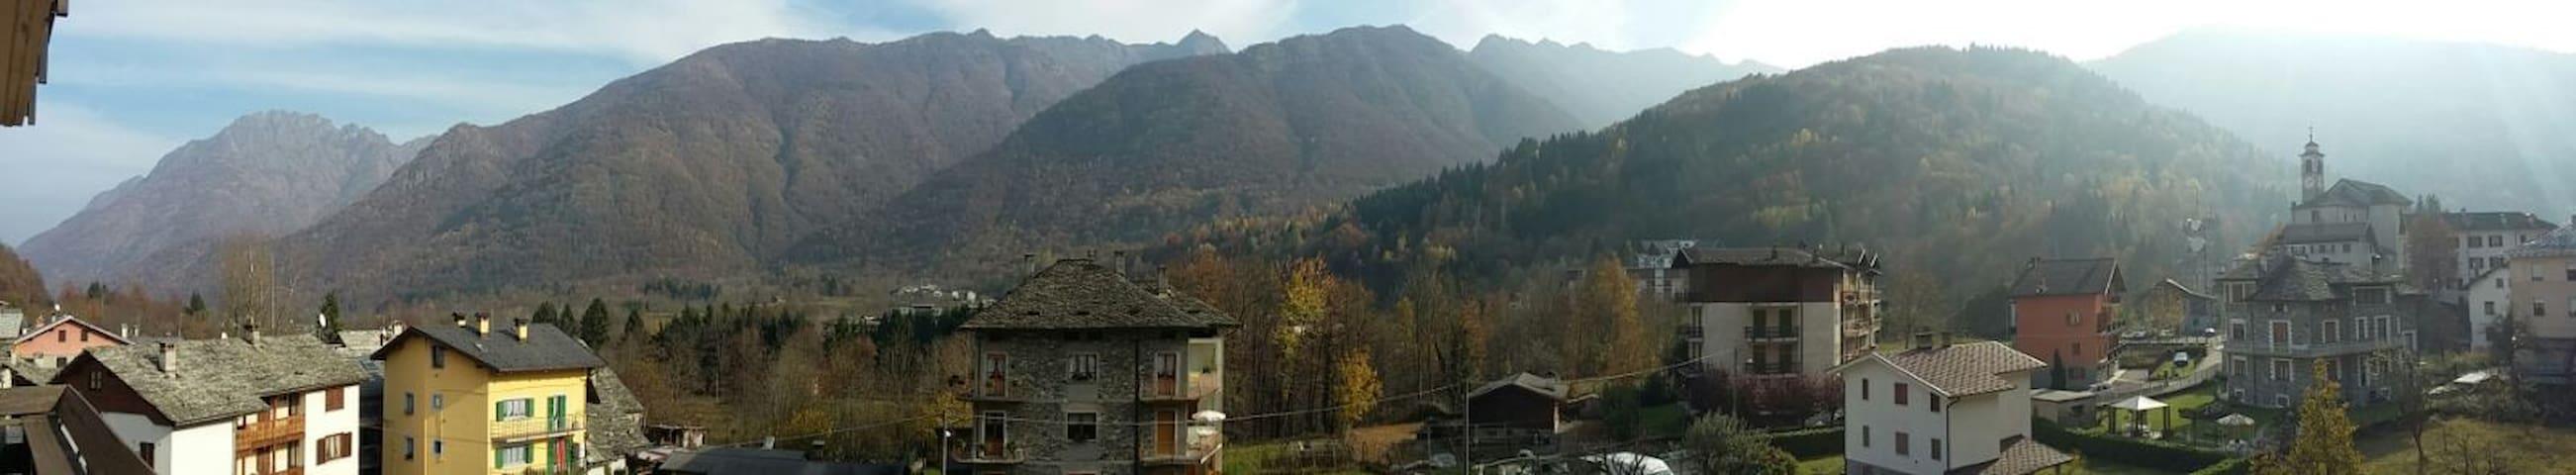 Valsesia, casa con vista ai piedi del monte Rosa - Scopello - Departamento